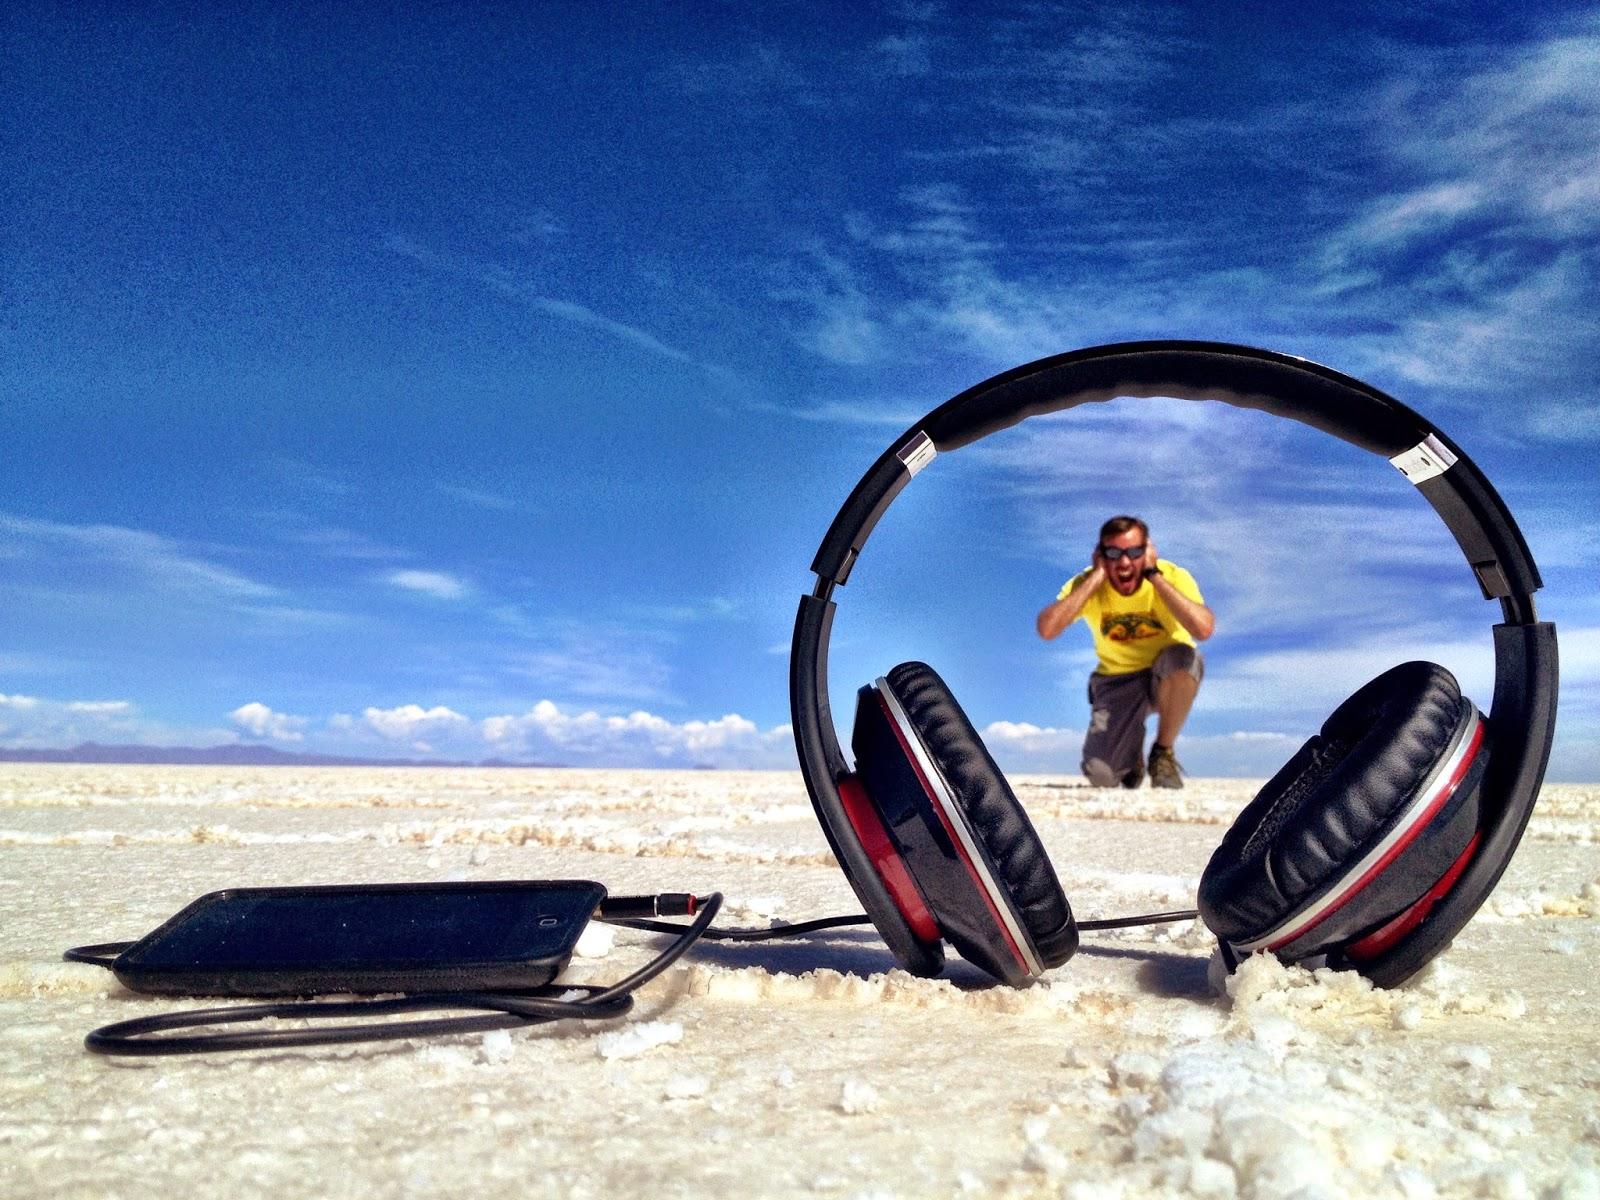 Oversized headphones?